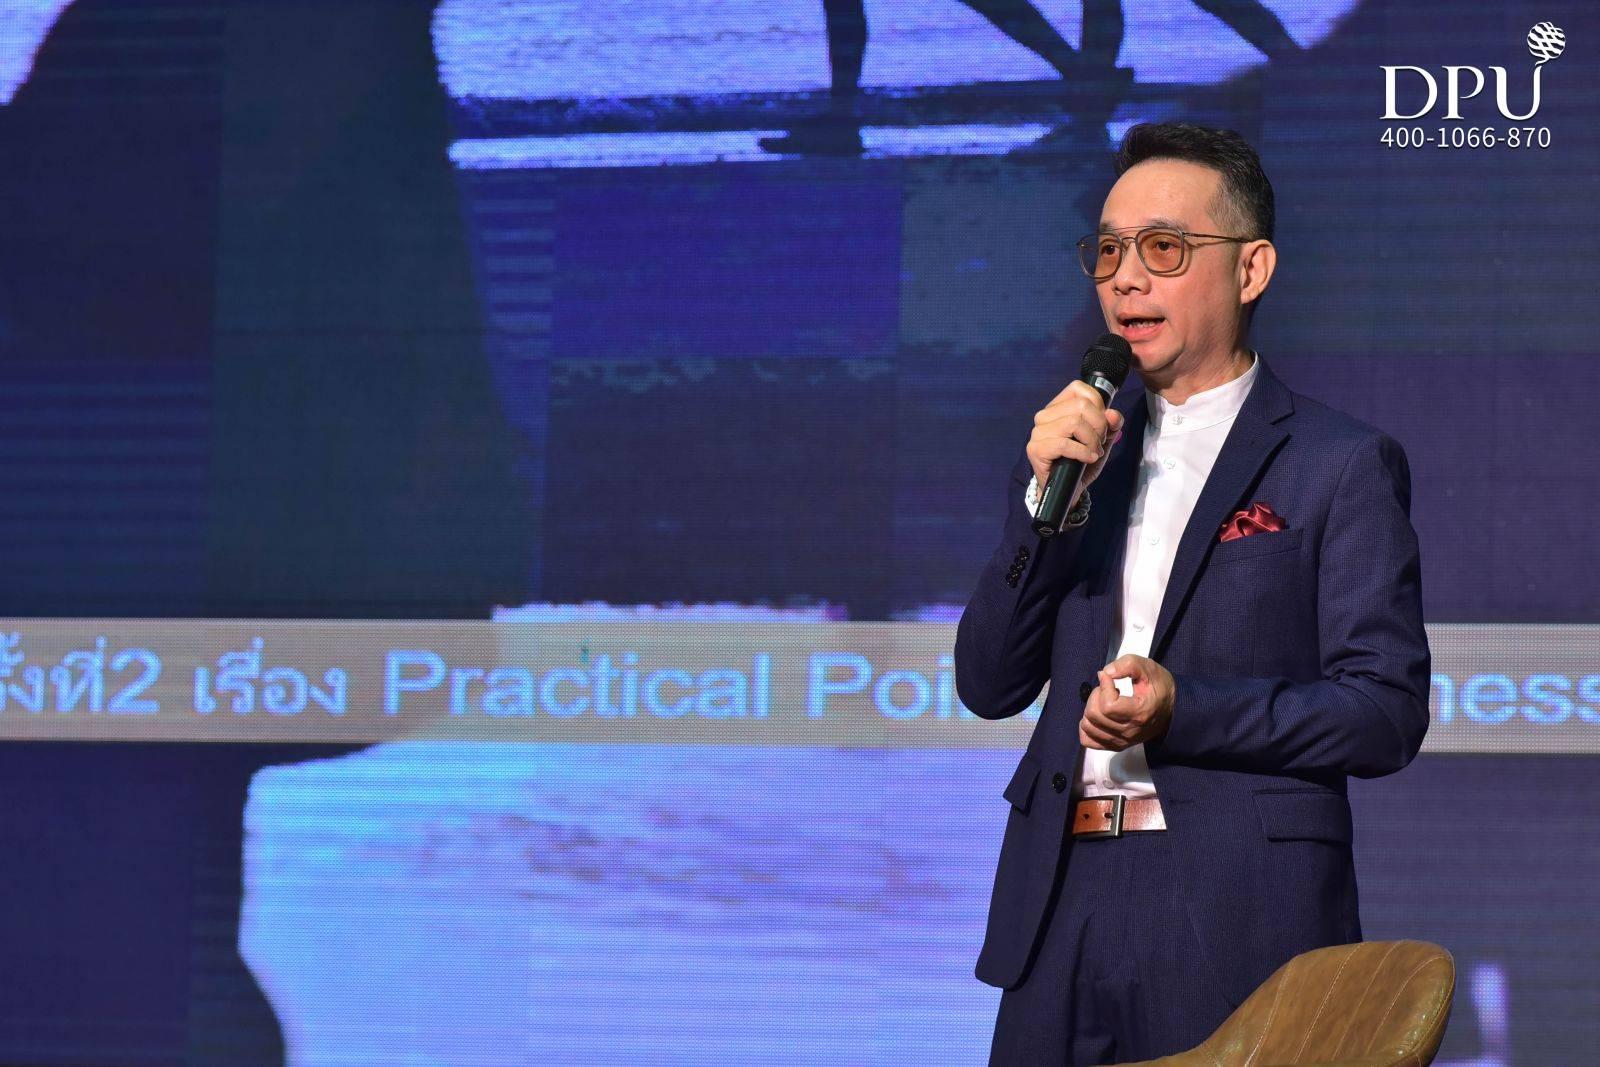 泰国水疗协会主席Khun Krod Rojanasathian